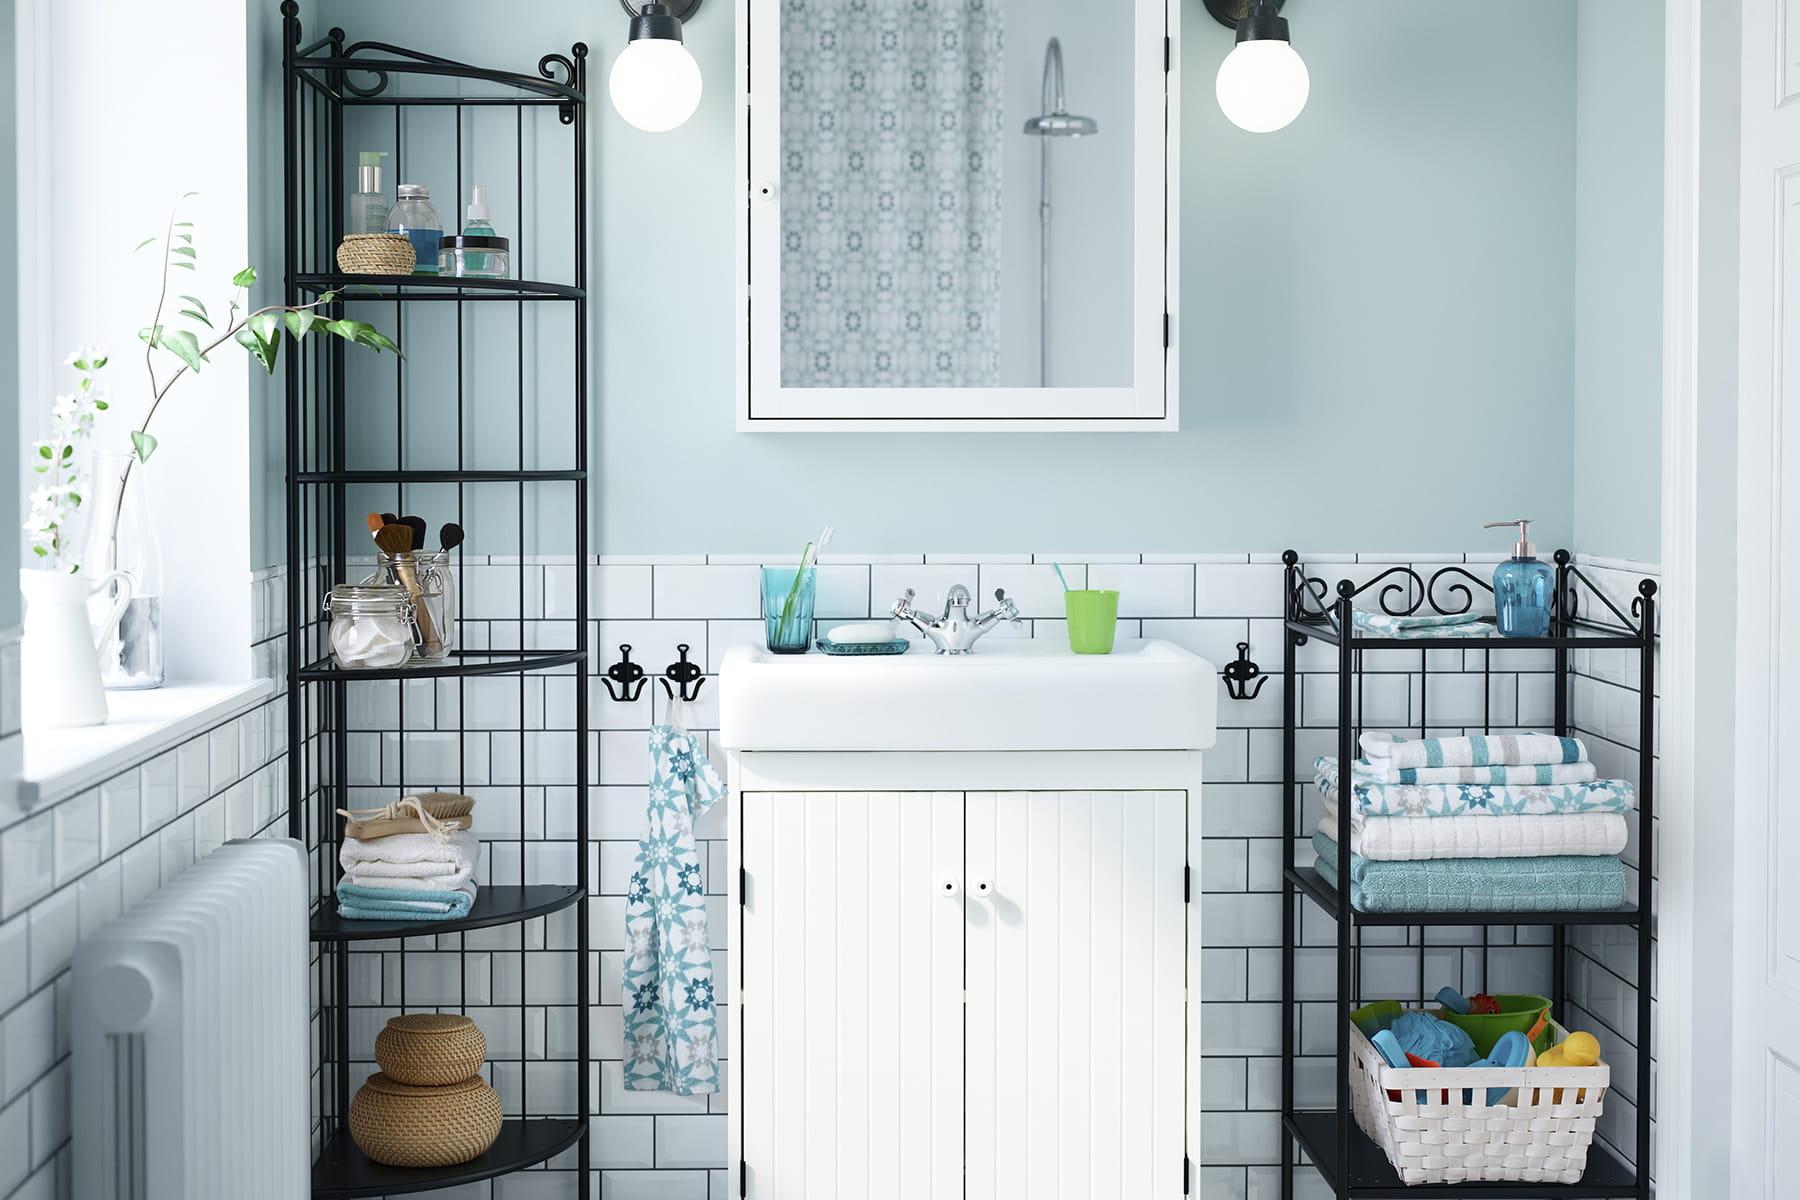 Installer des meubles d 39 angle des produits malins pour for Meuble d angle pour salle de bain